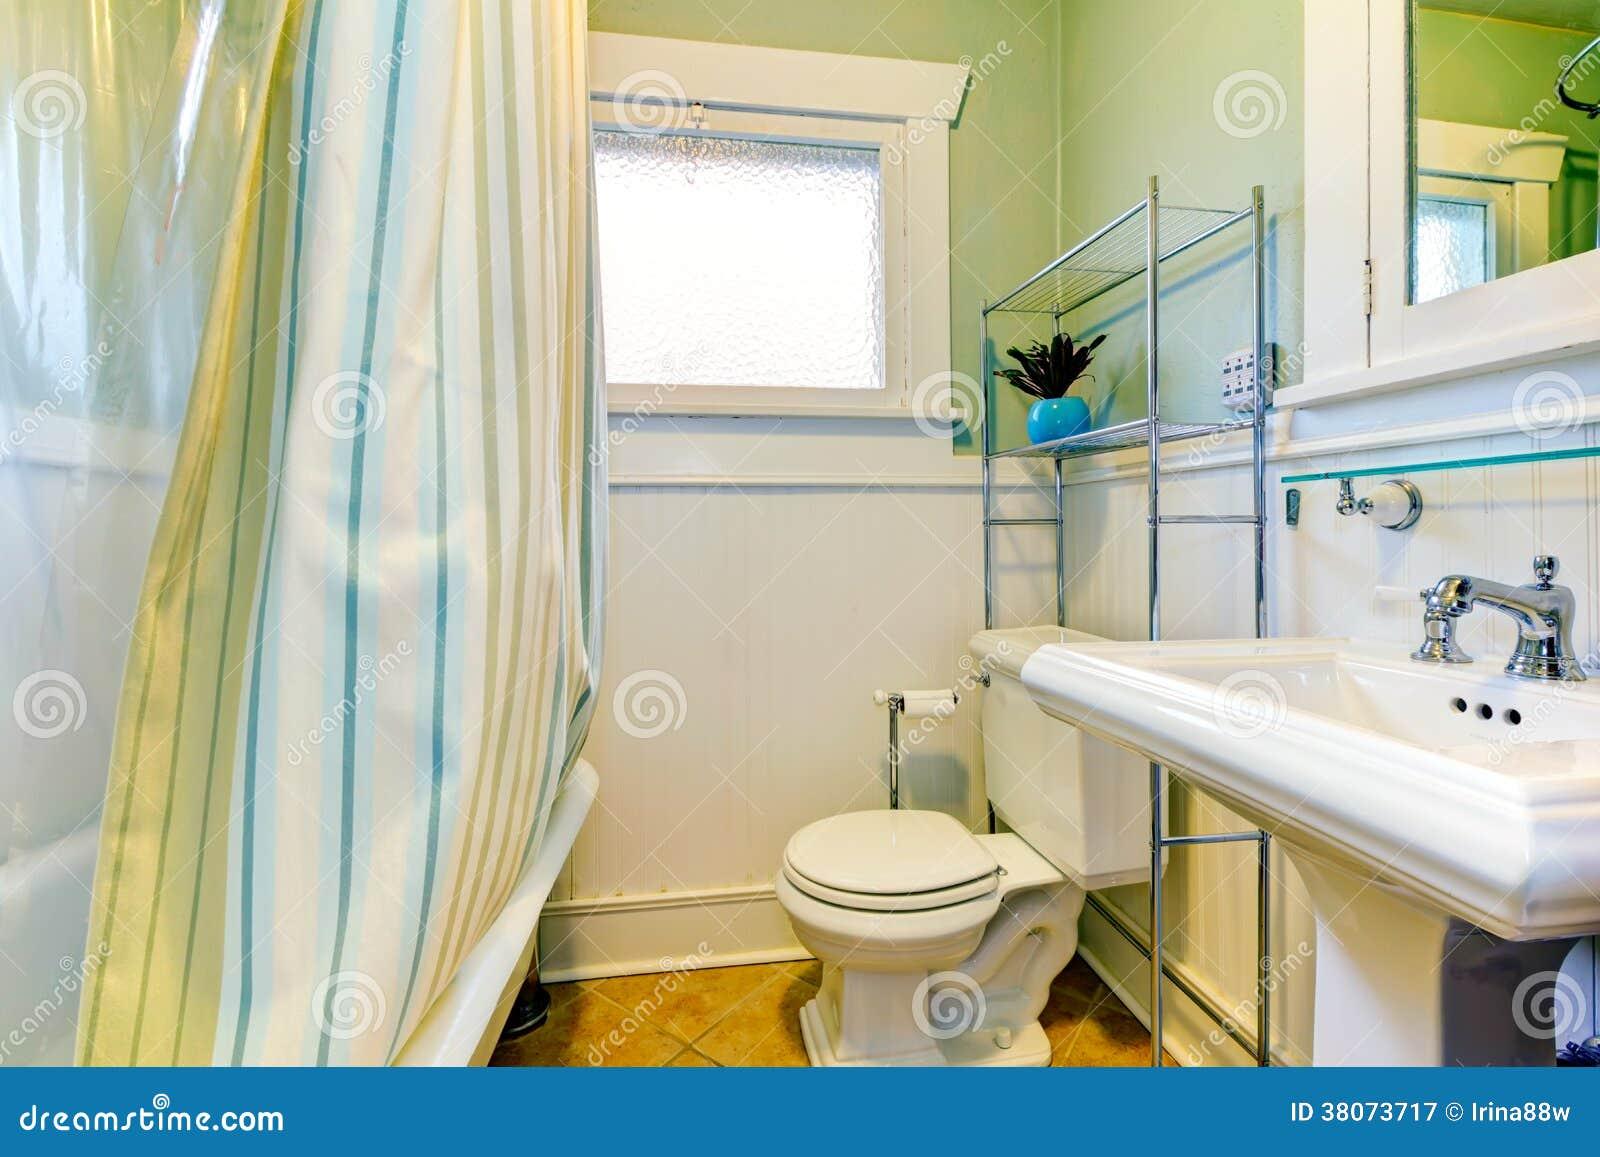 Rinfresco del bagno verde e bianco fotografia stock libera da diritti immagine 38073717 - Bagno arancione e bianco ...